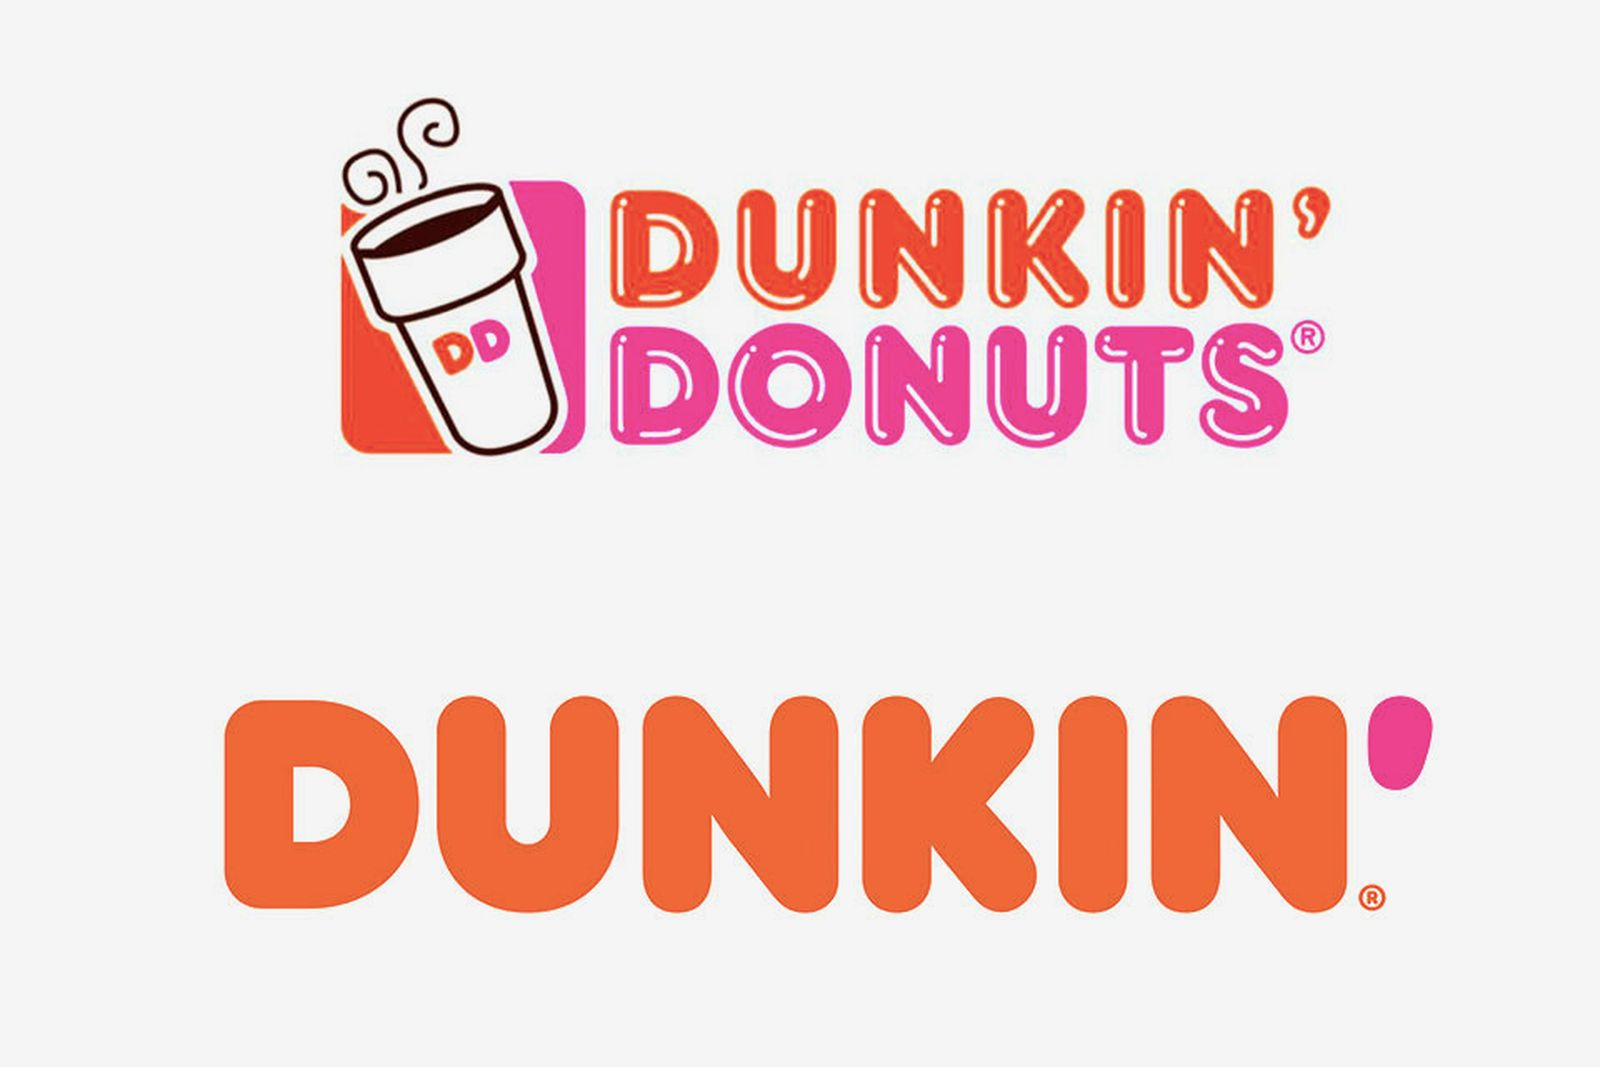 dunkin donuts rebrand Dunkin' Donuts fast food